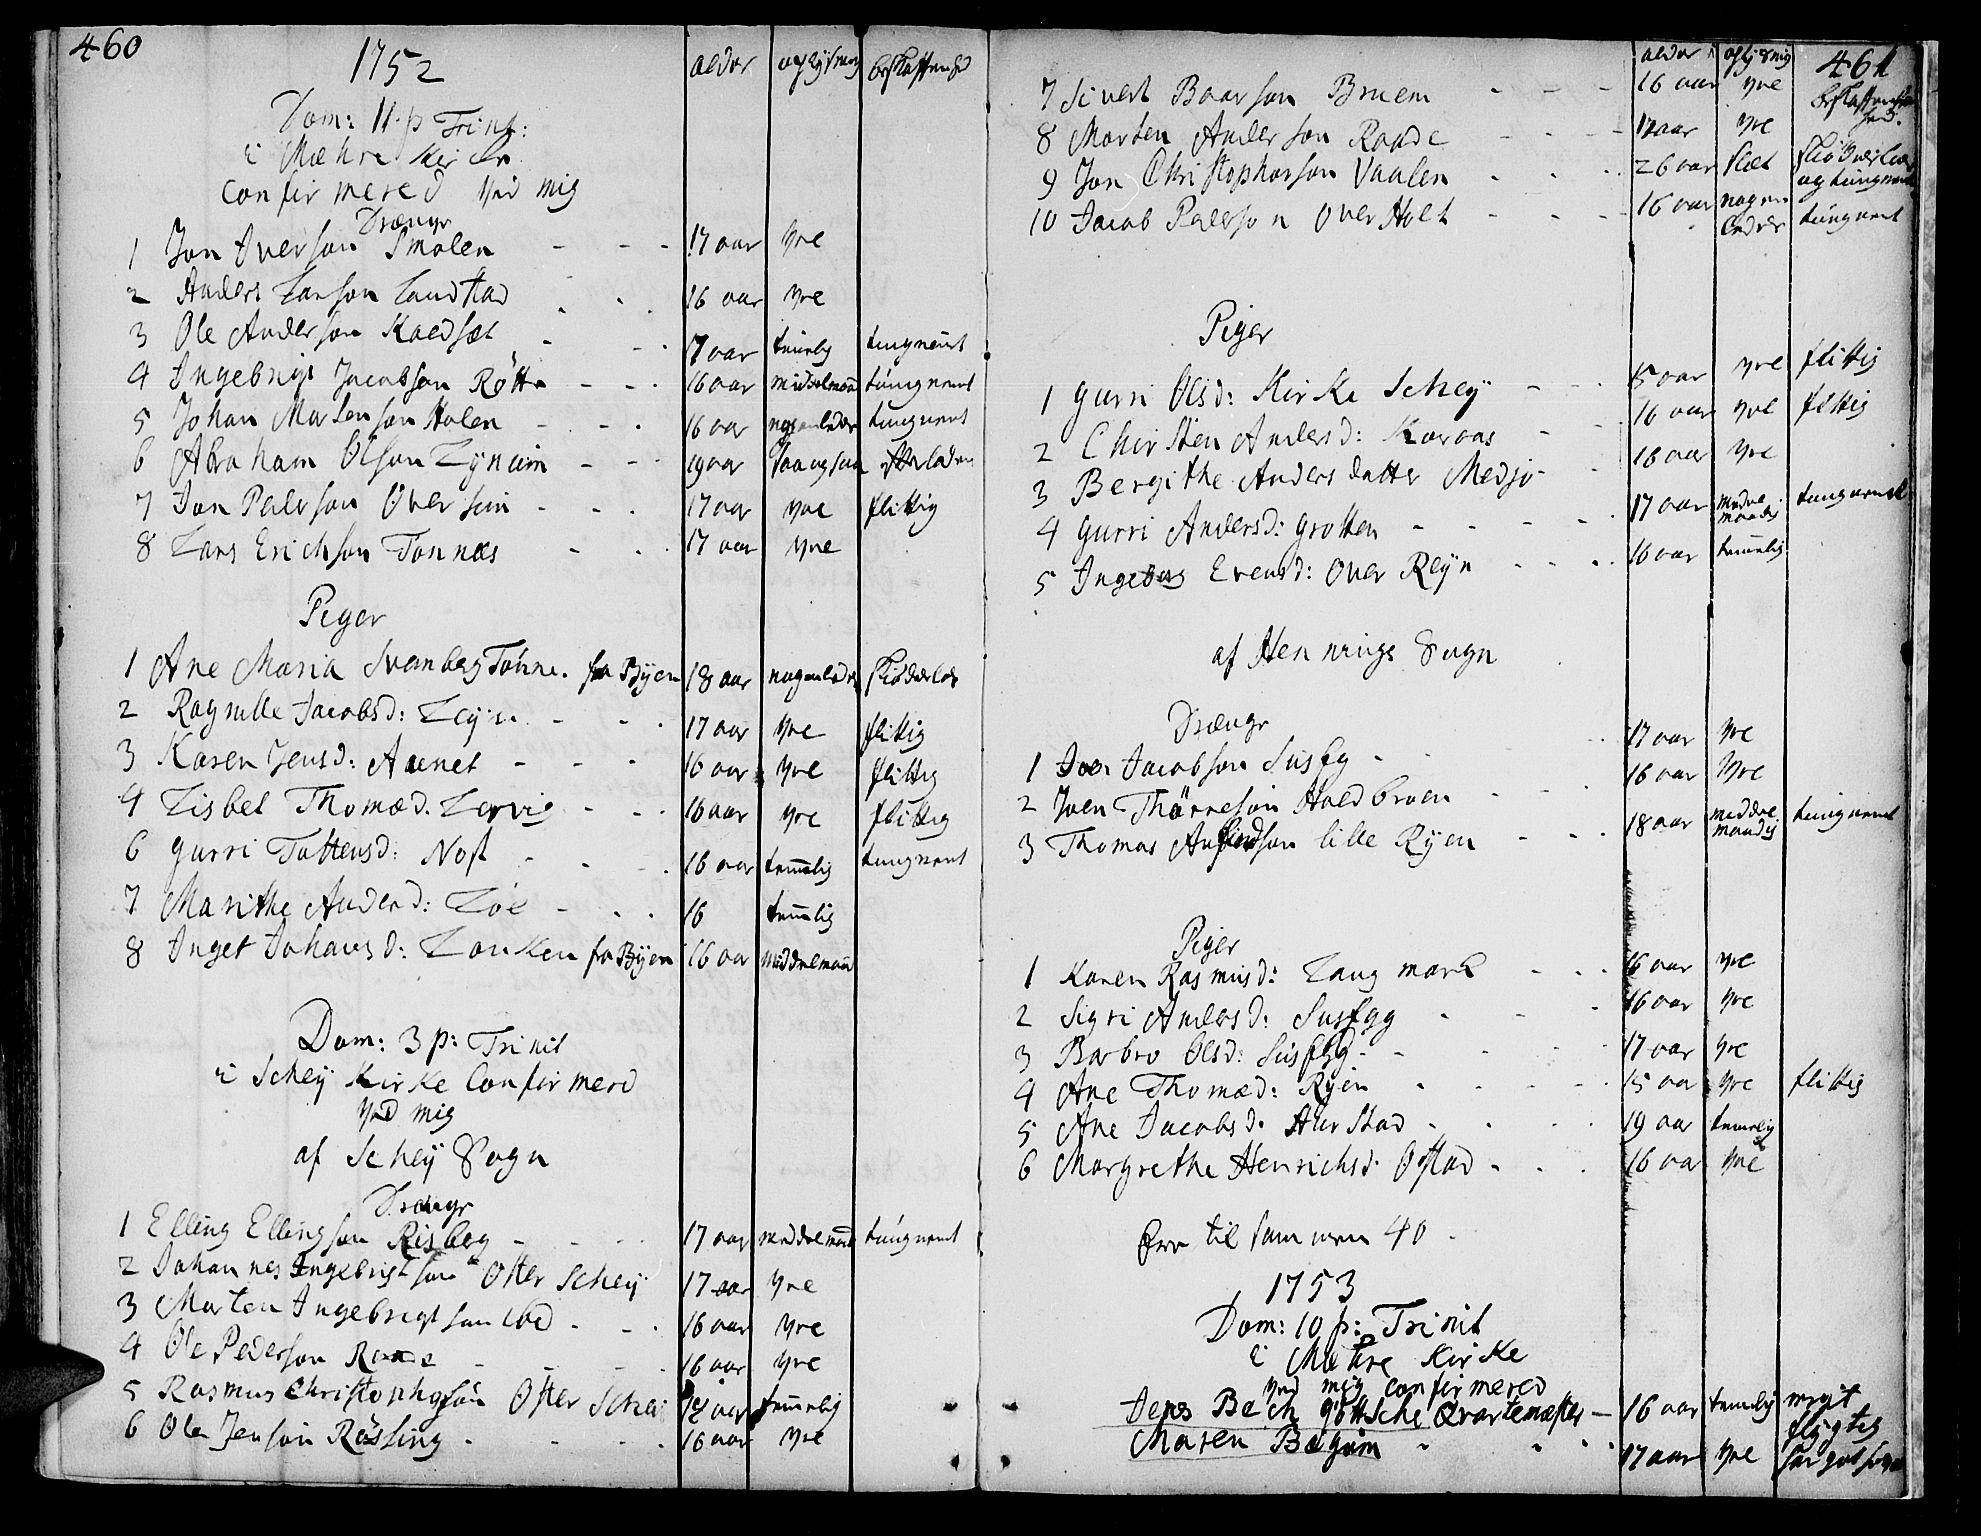 SAT, Ministerialprotokoller, klokkerbøker og fødselsregistre - Nord-Trøndelag, 735/L0330: Ministerialbok nr. 735A01, 1740-1766, s. 460-461